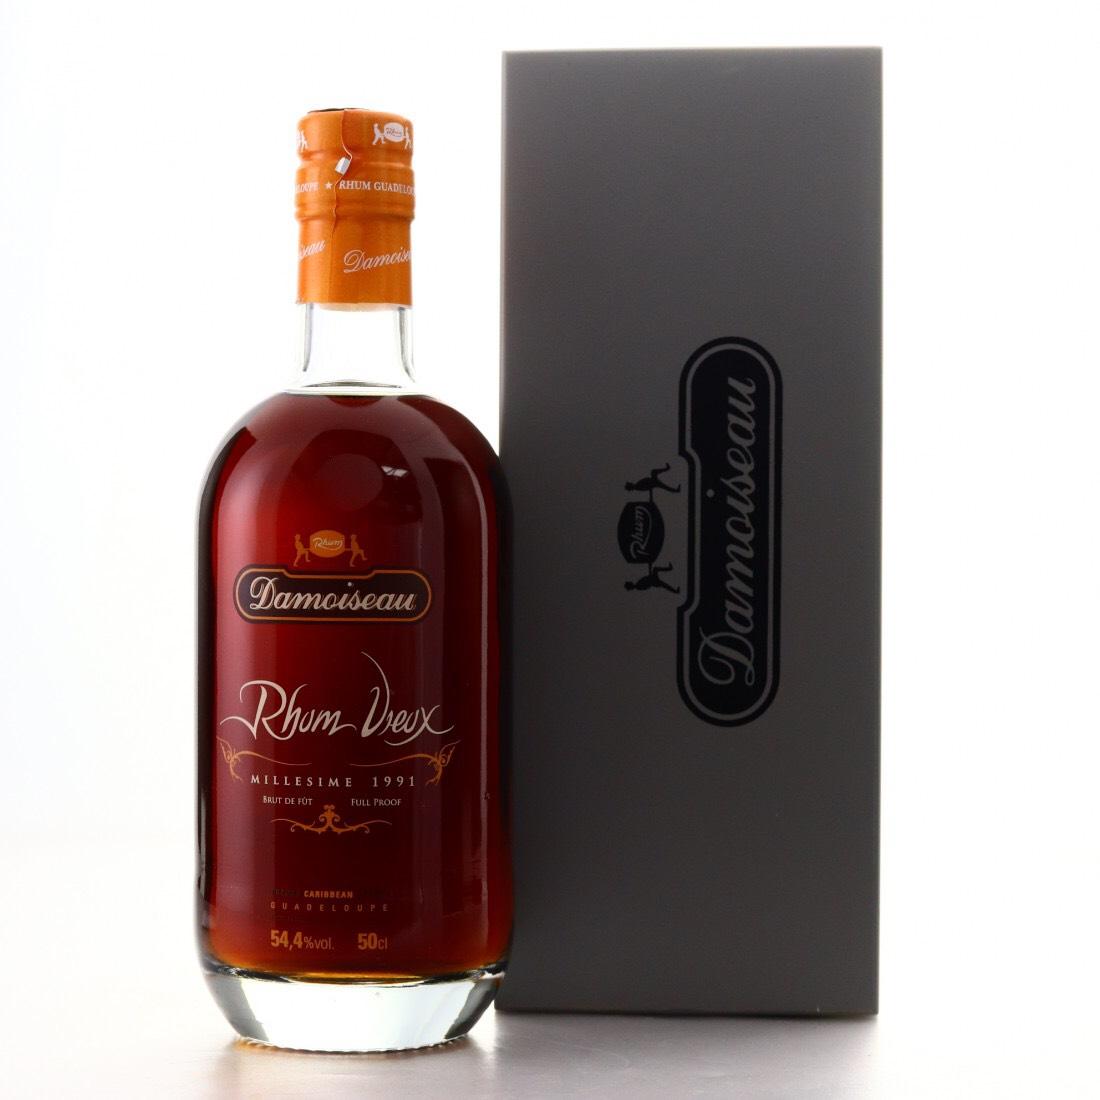 Bottle image of 1991